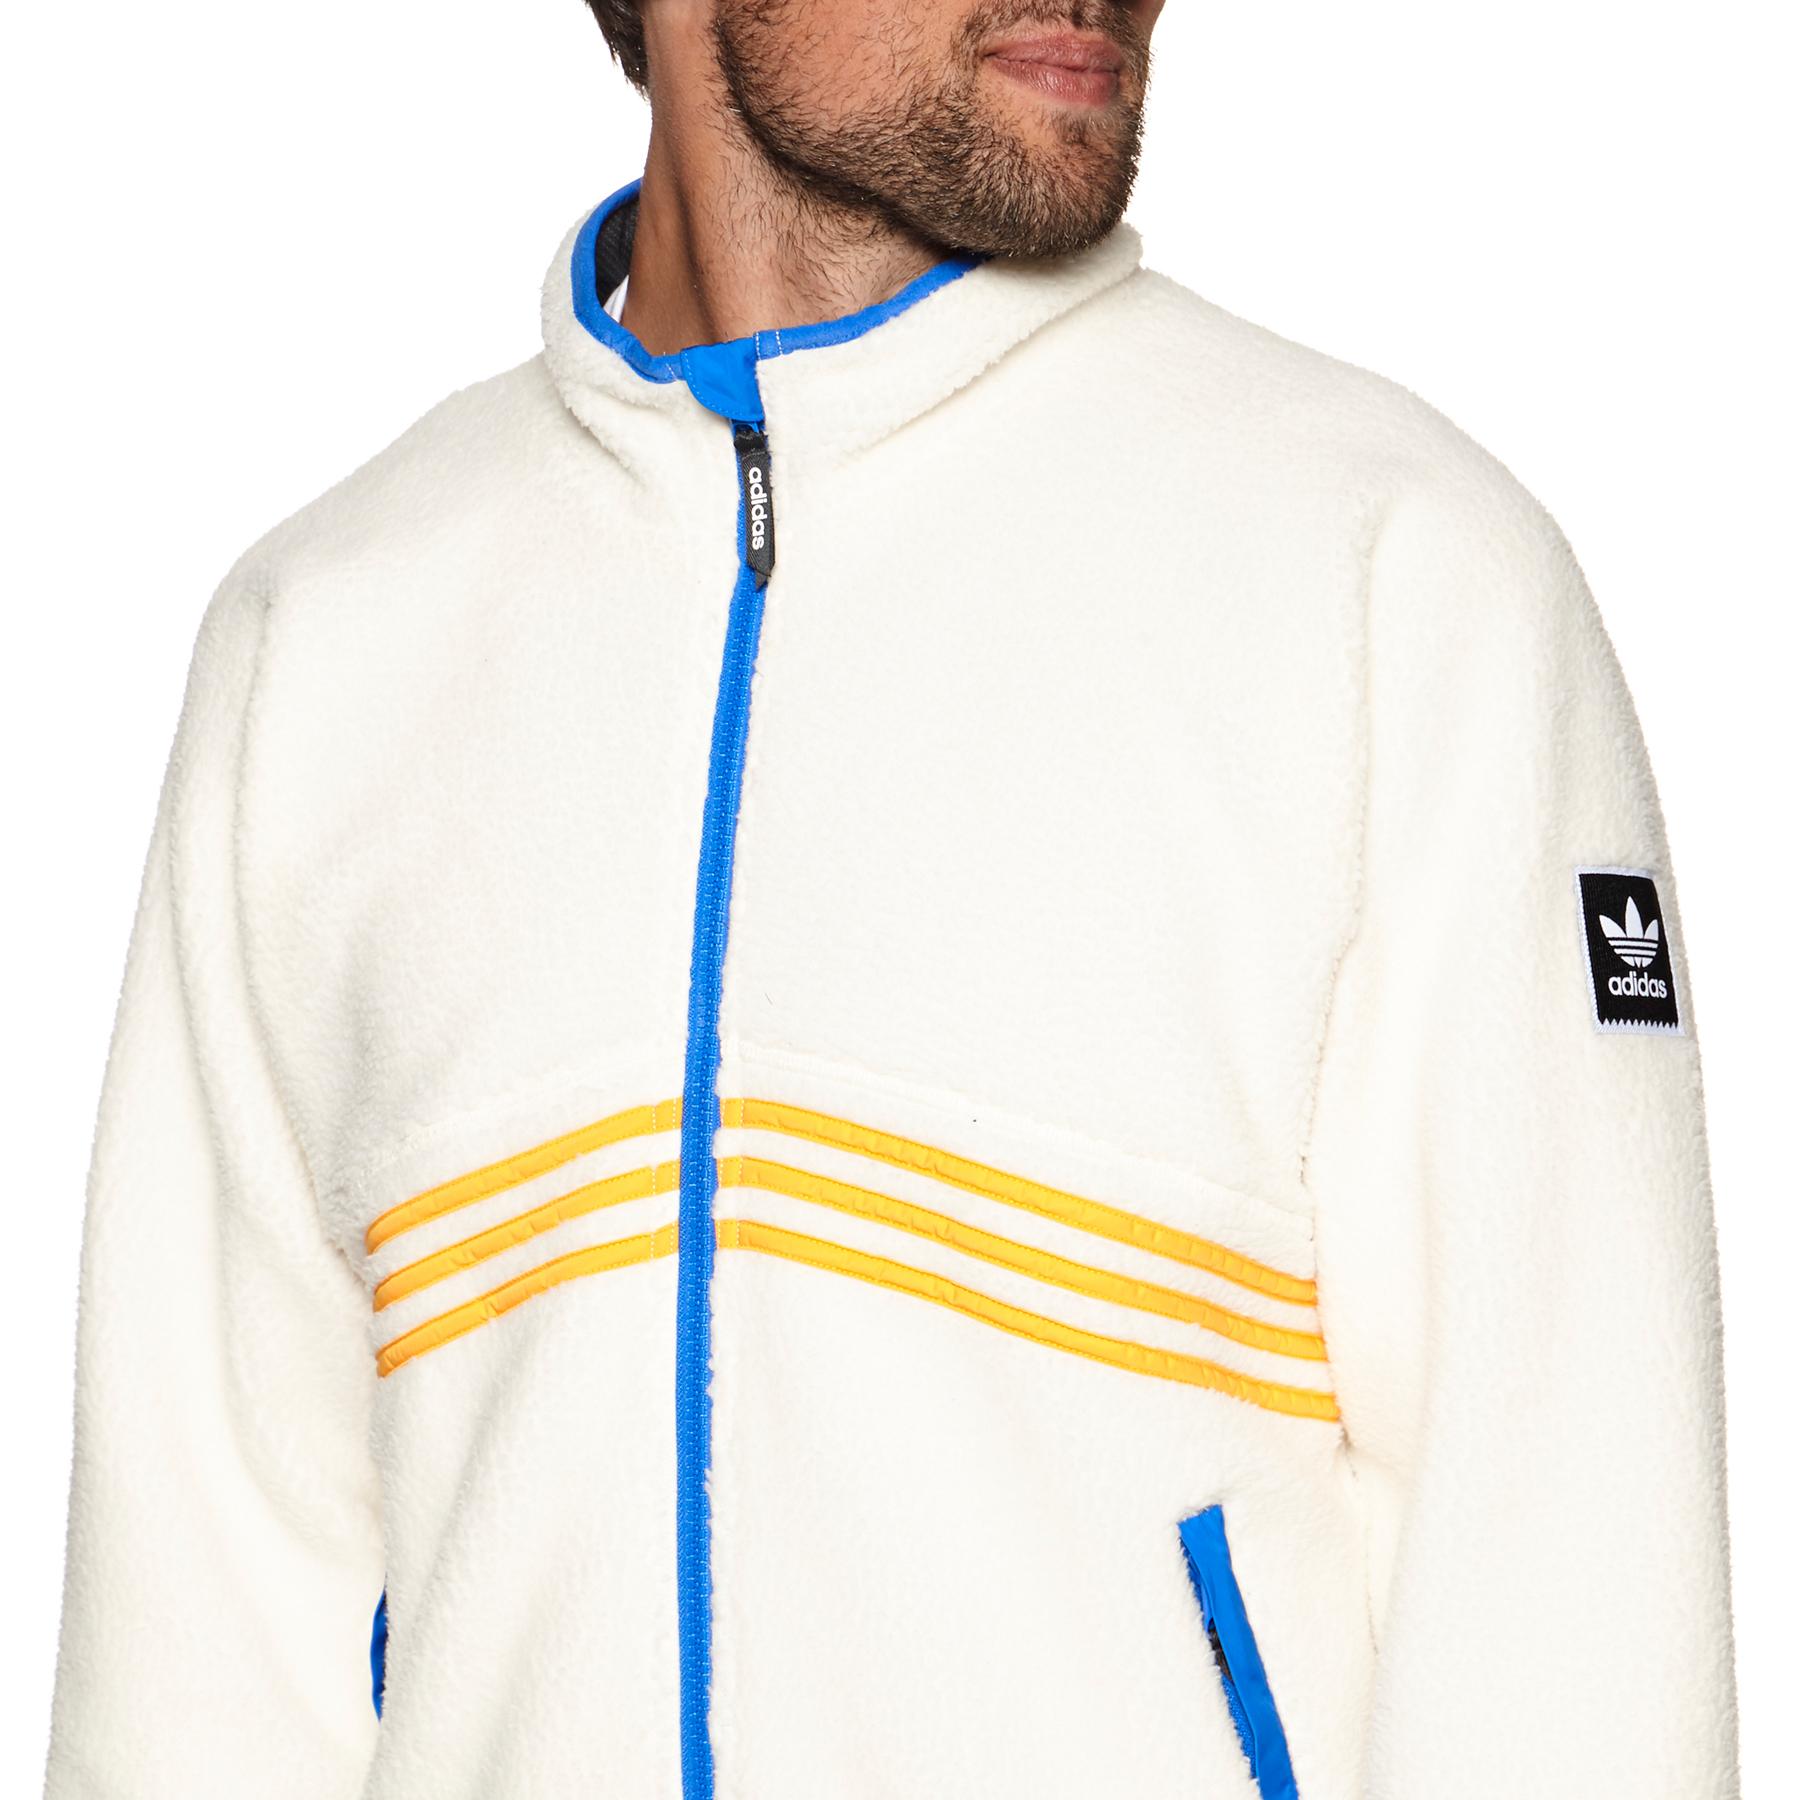 Adidas Sherpa Full Zip Jacket Cream White Collegiate